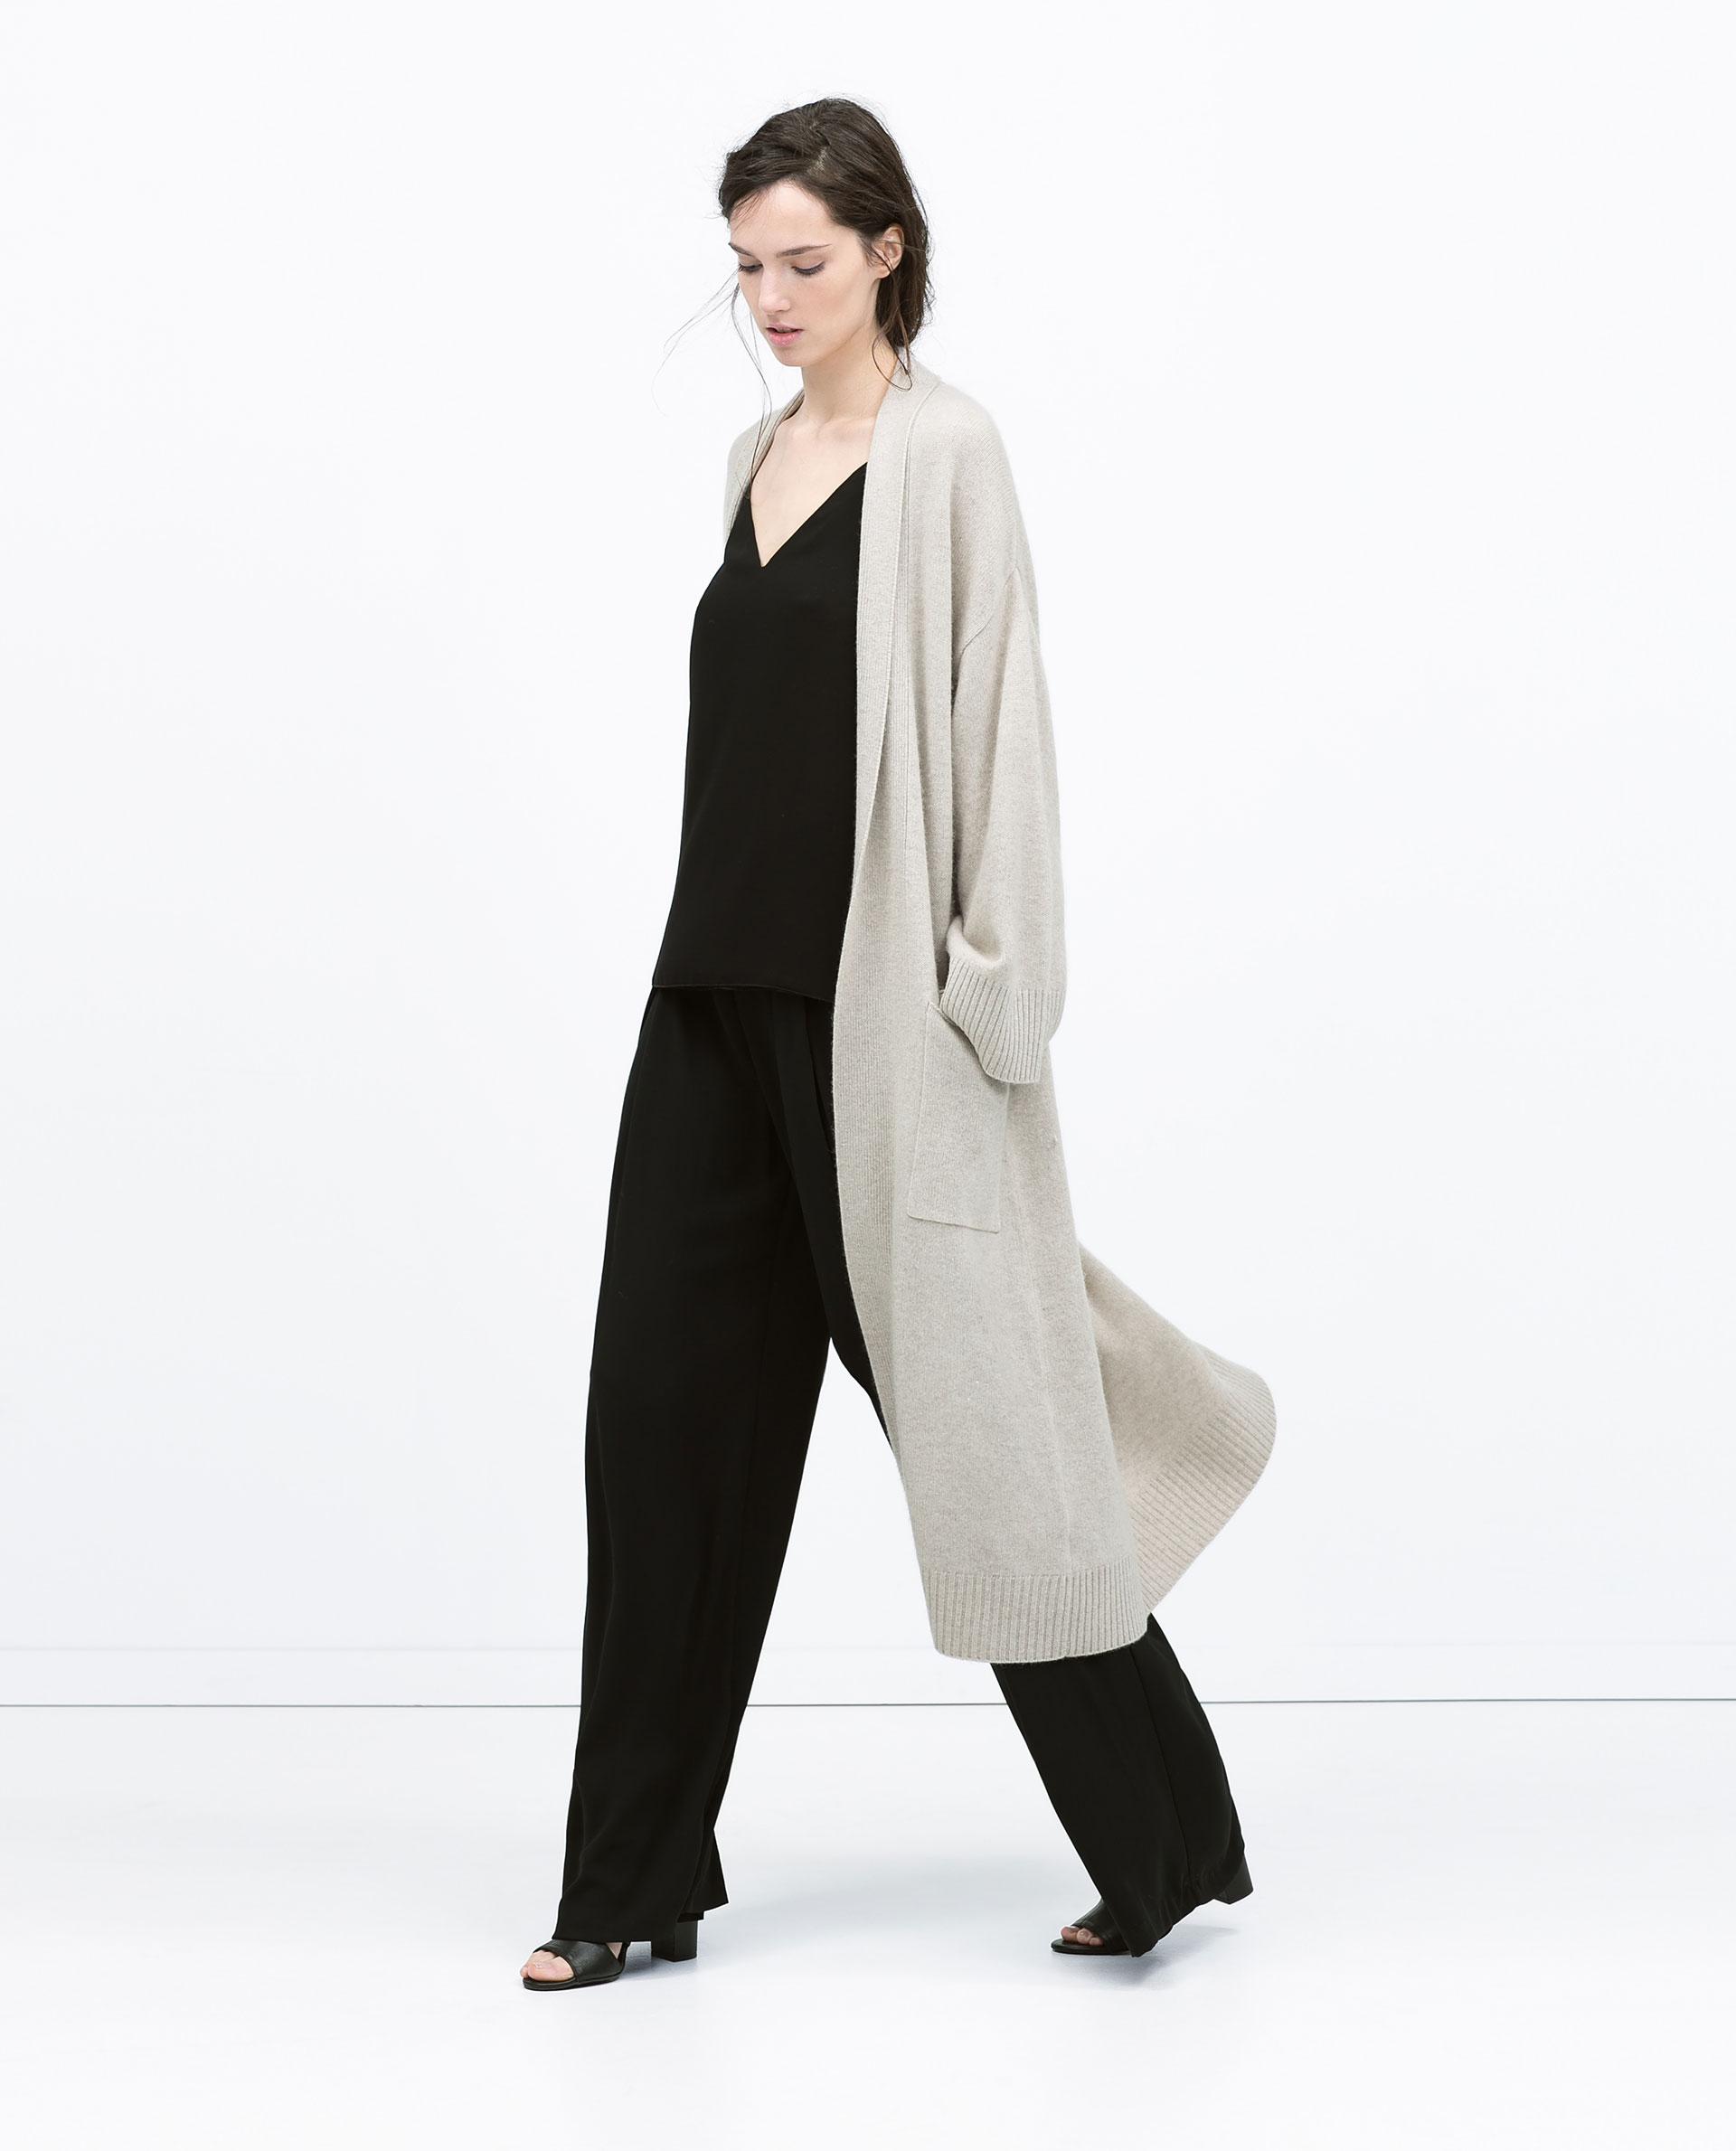 Long Cashmere Sweater Coat | Fashion Women's Coat 2017